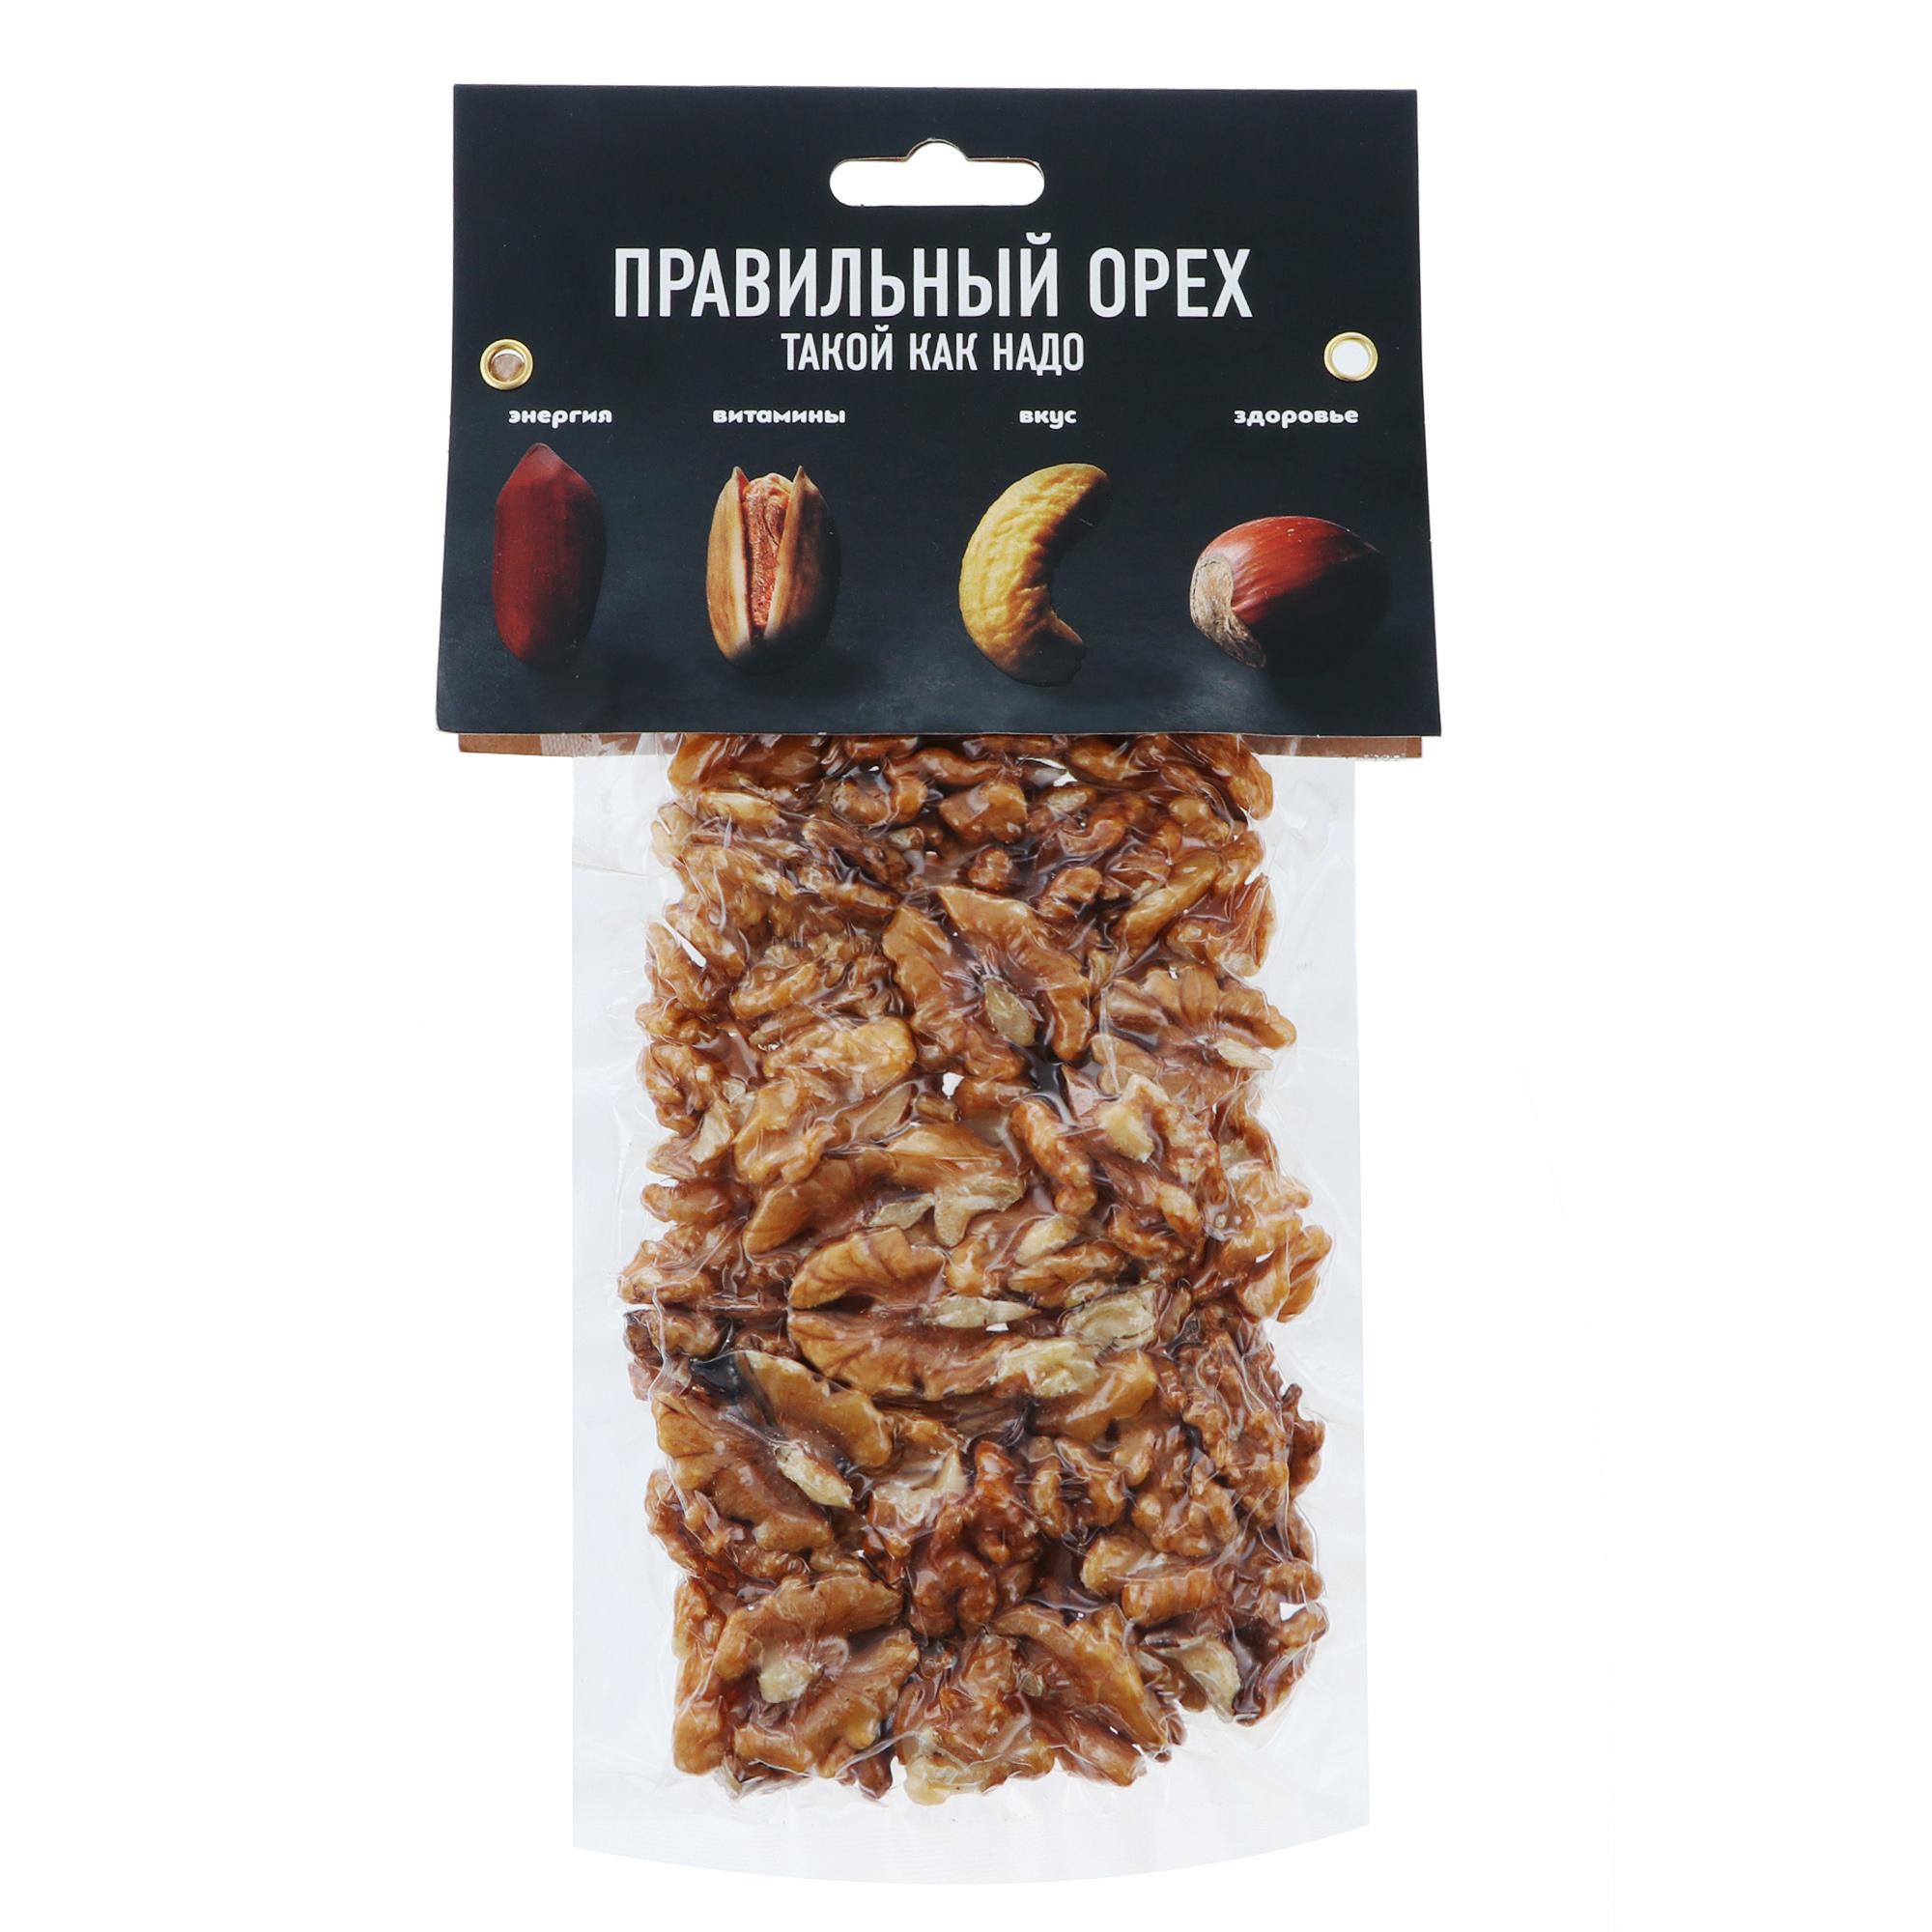 Орех грецкий Правильный орех 130 г